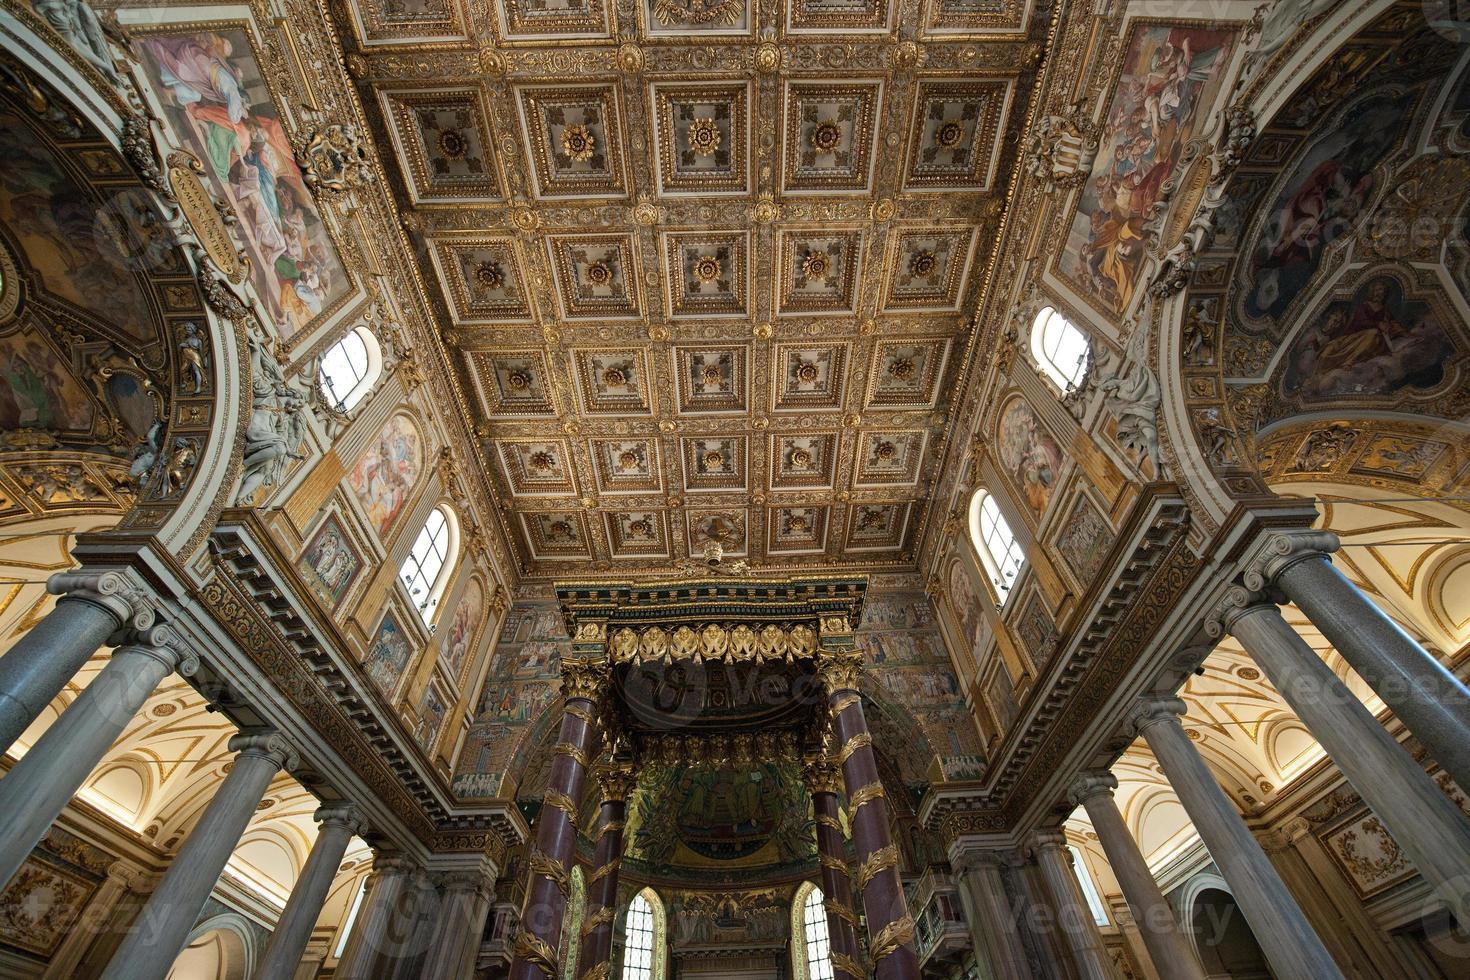 Basílica de Santa Maria Maior